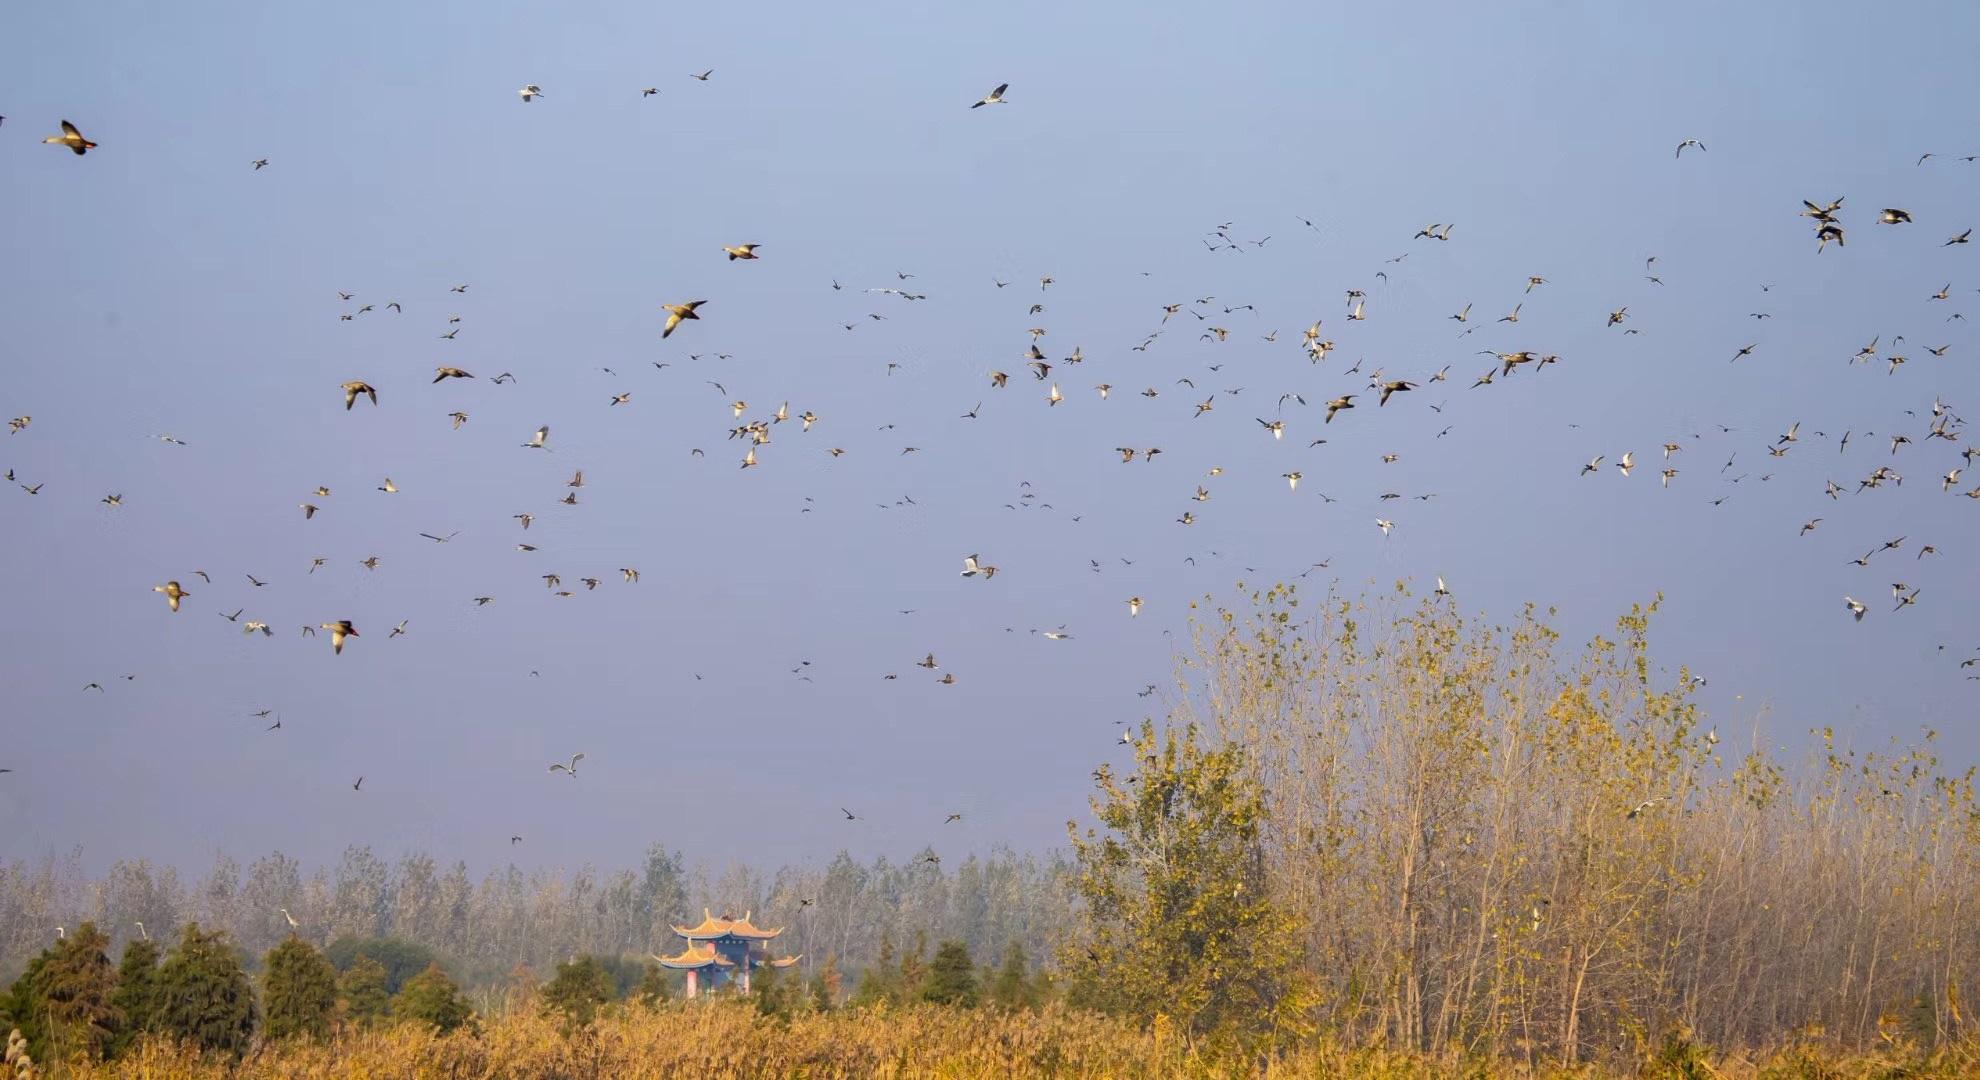 大批迁徙候鸟飞抵洪泽湖湿地,景象壮观!